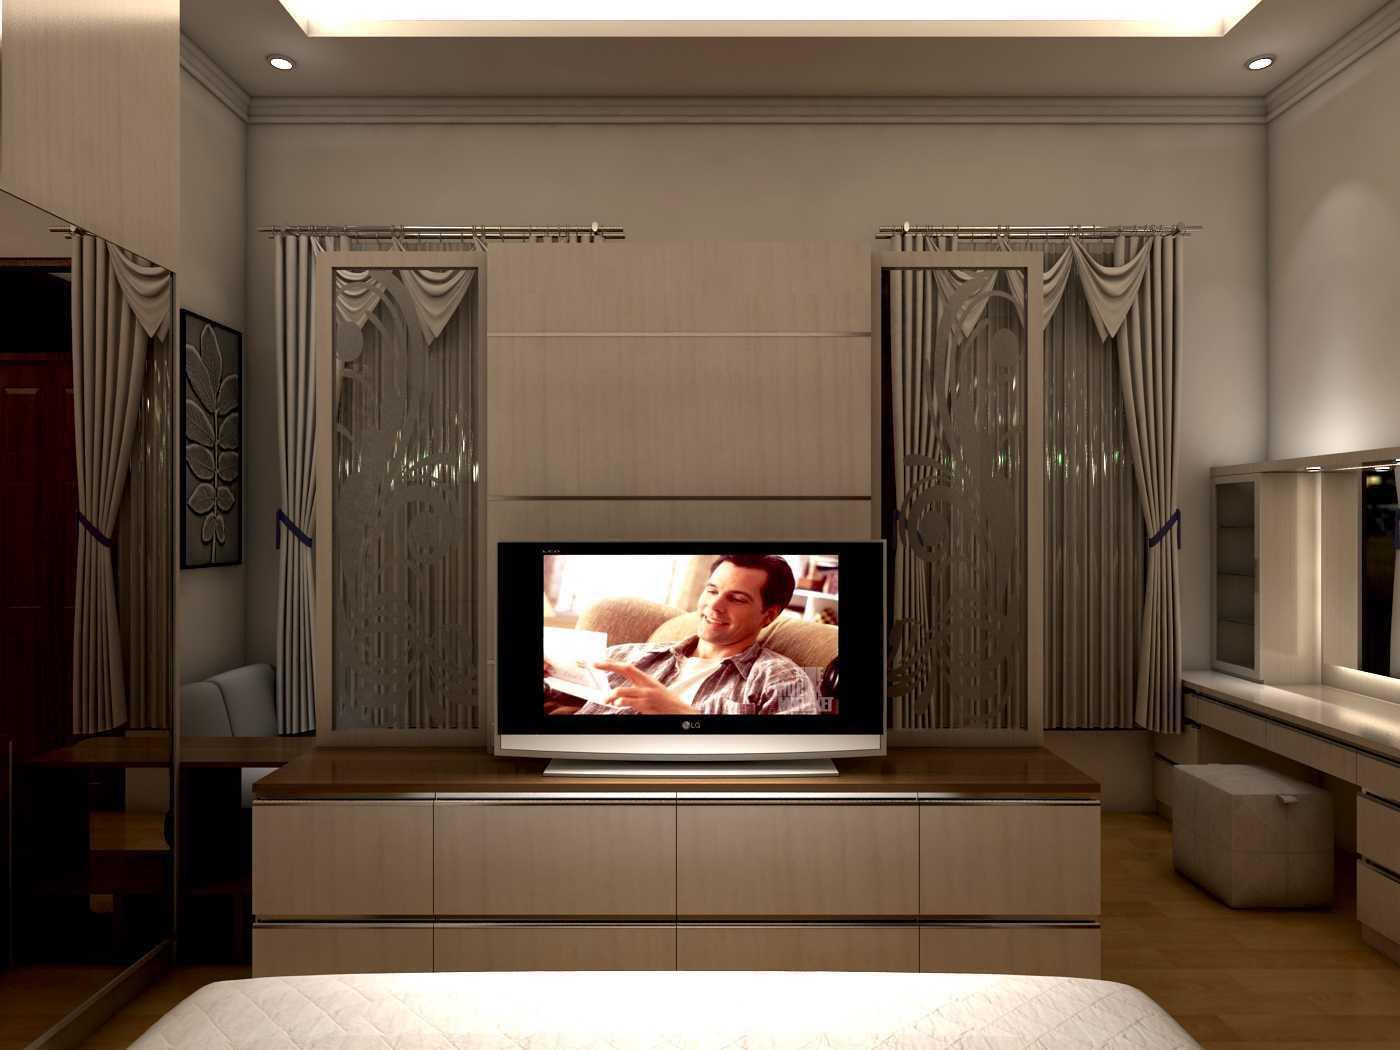 Amadeus Robert Interior Design And Contractor Mi Master Bedroom Kalibata, Jakarta Selatan Kalibata, Jakarta Selatan Master Bedroom  19607